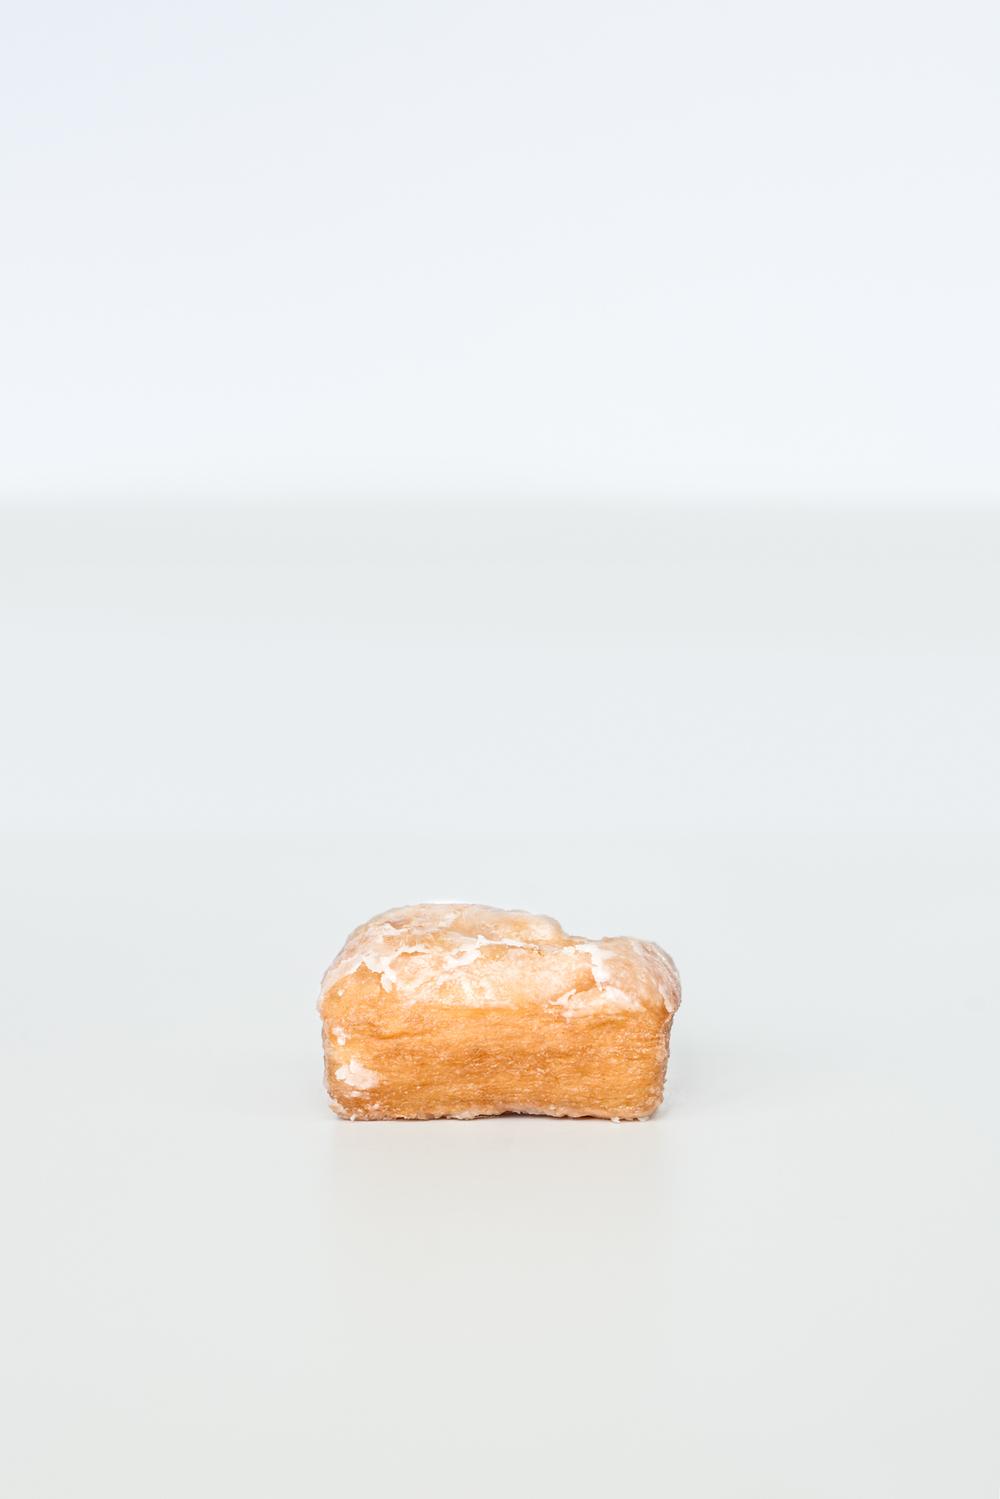 baked-goods-web-8.jpg